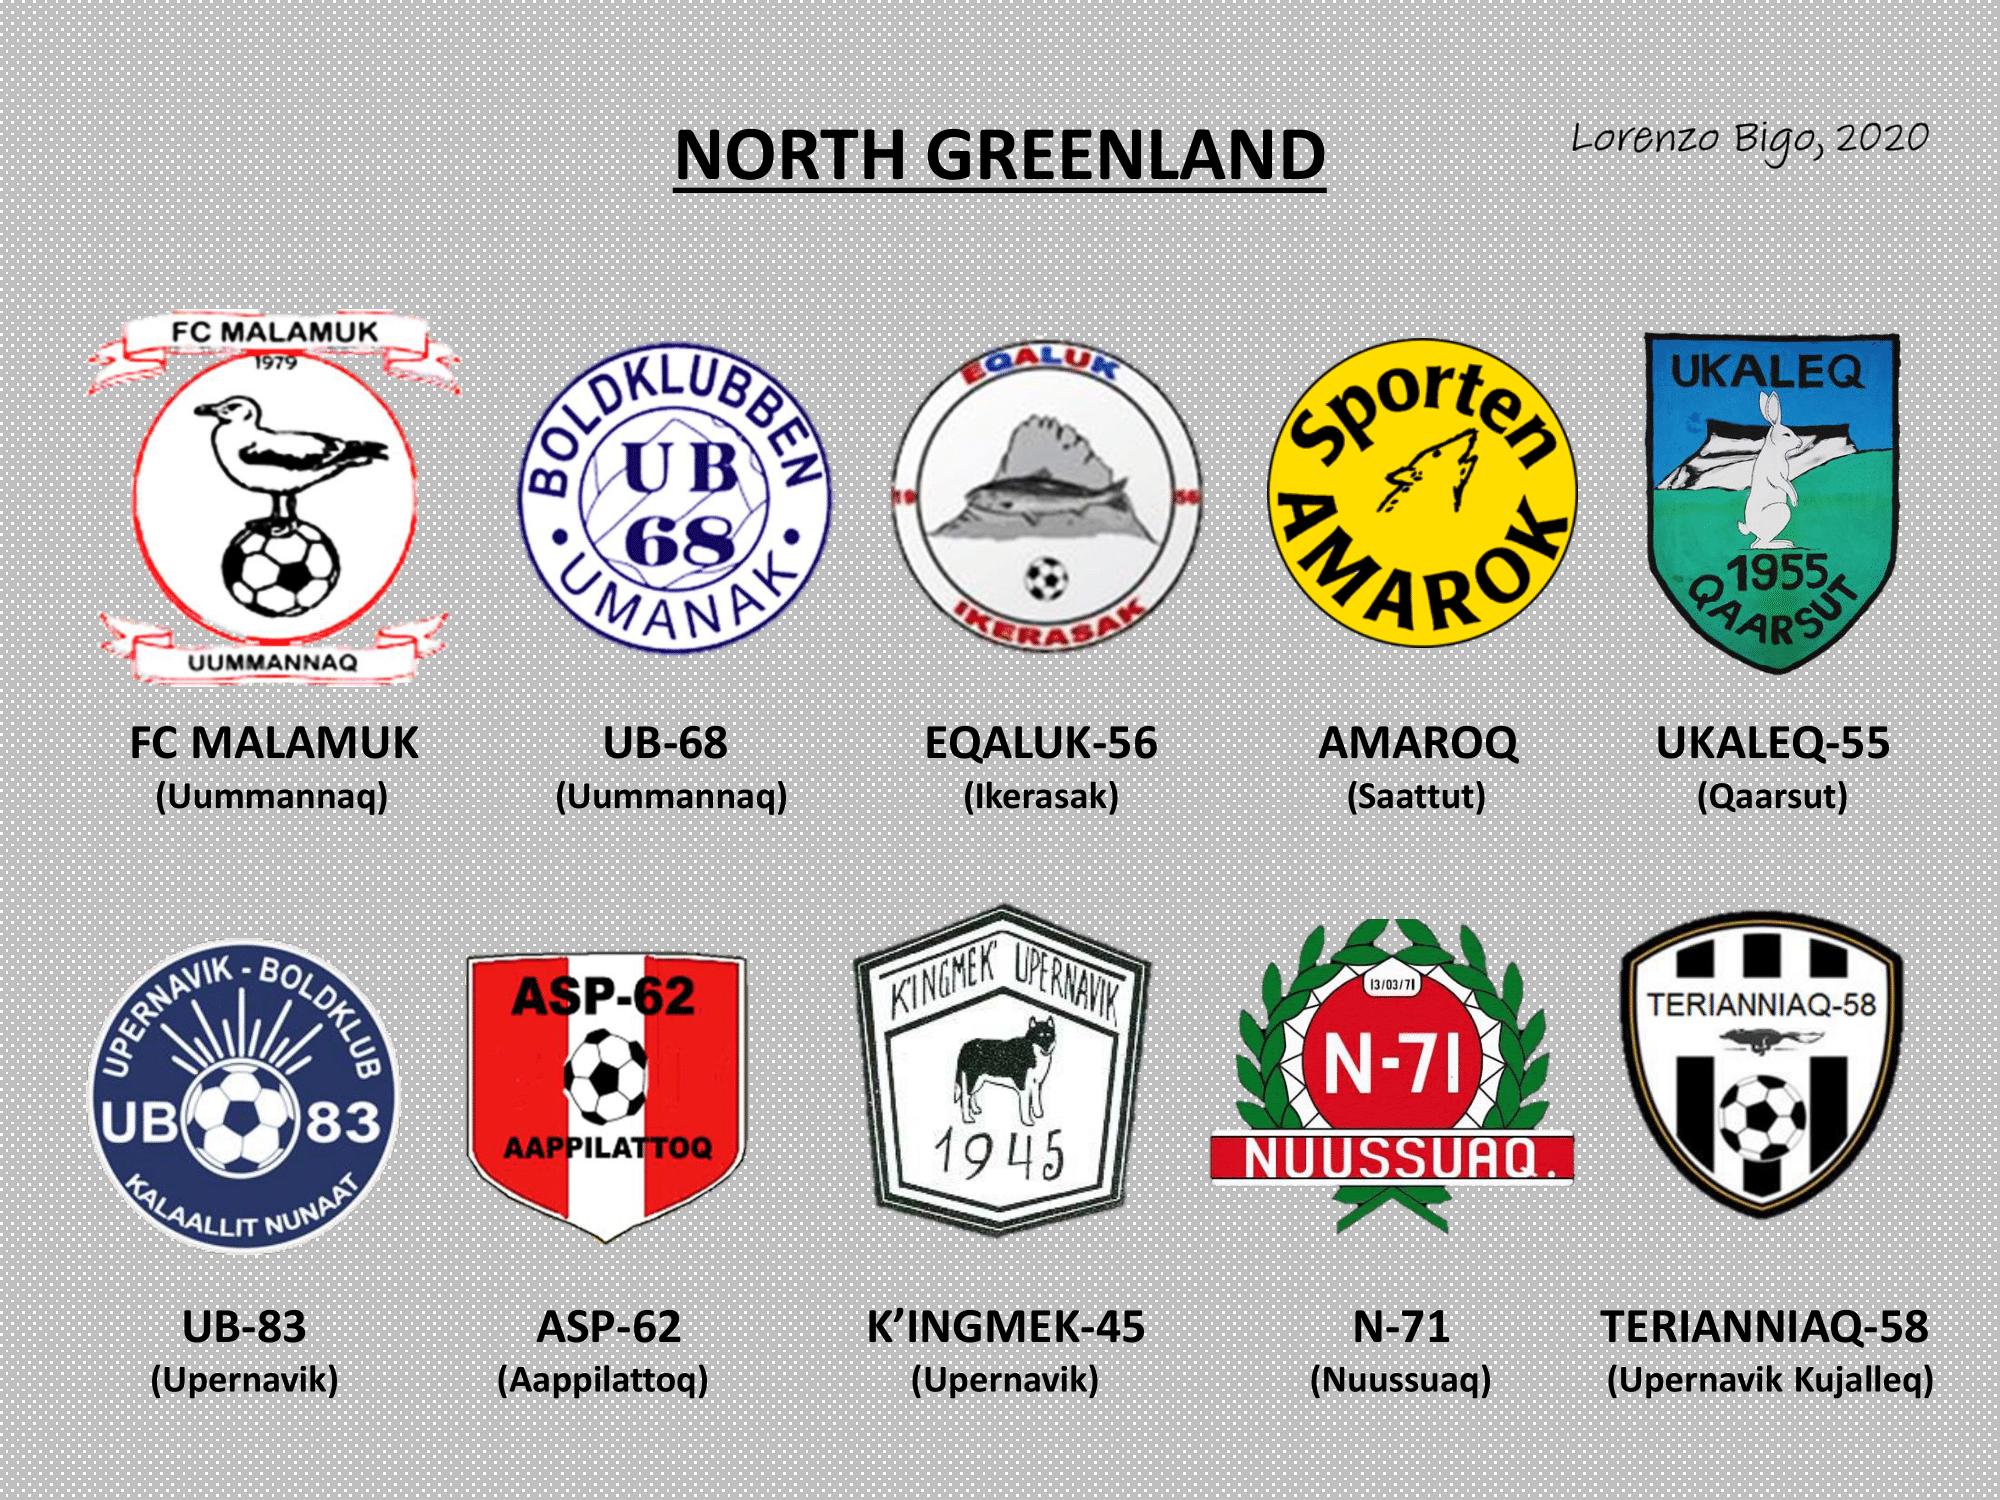 Самое короткое футбольное соревнование в мире: в Гренландии сезон длится одну неделю (+Фото, Видео) - изображение 10